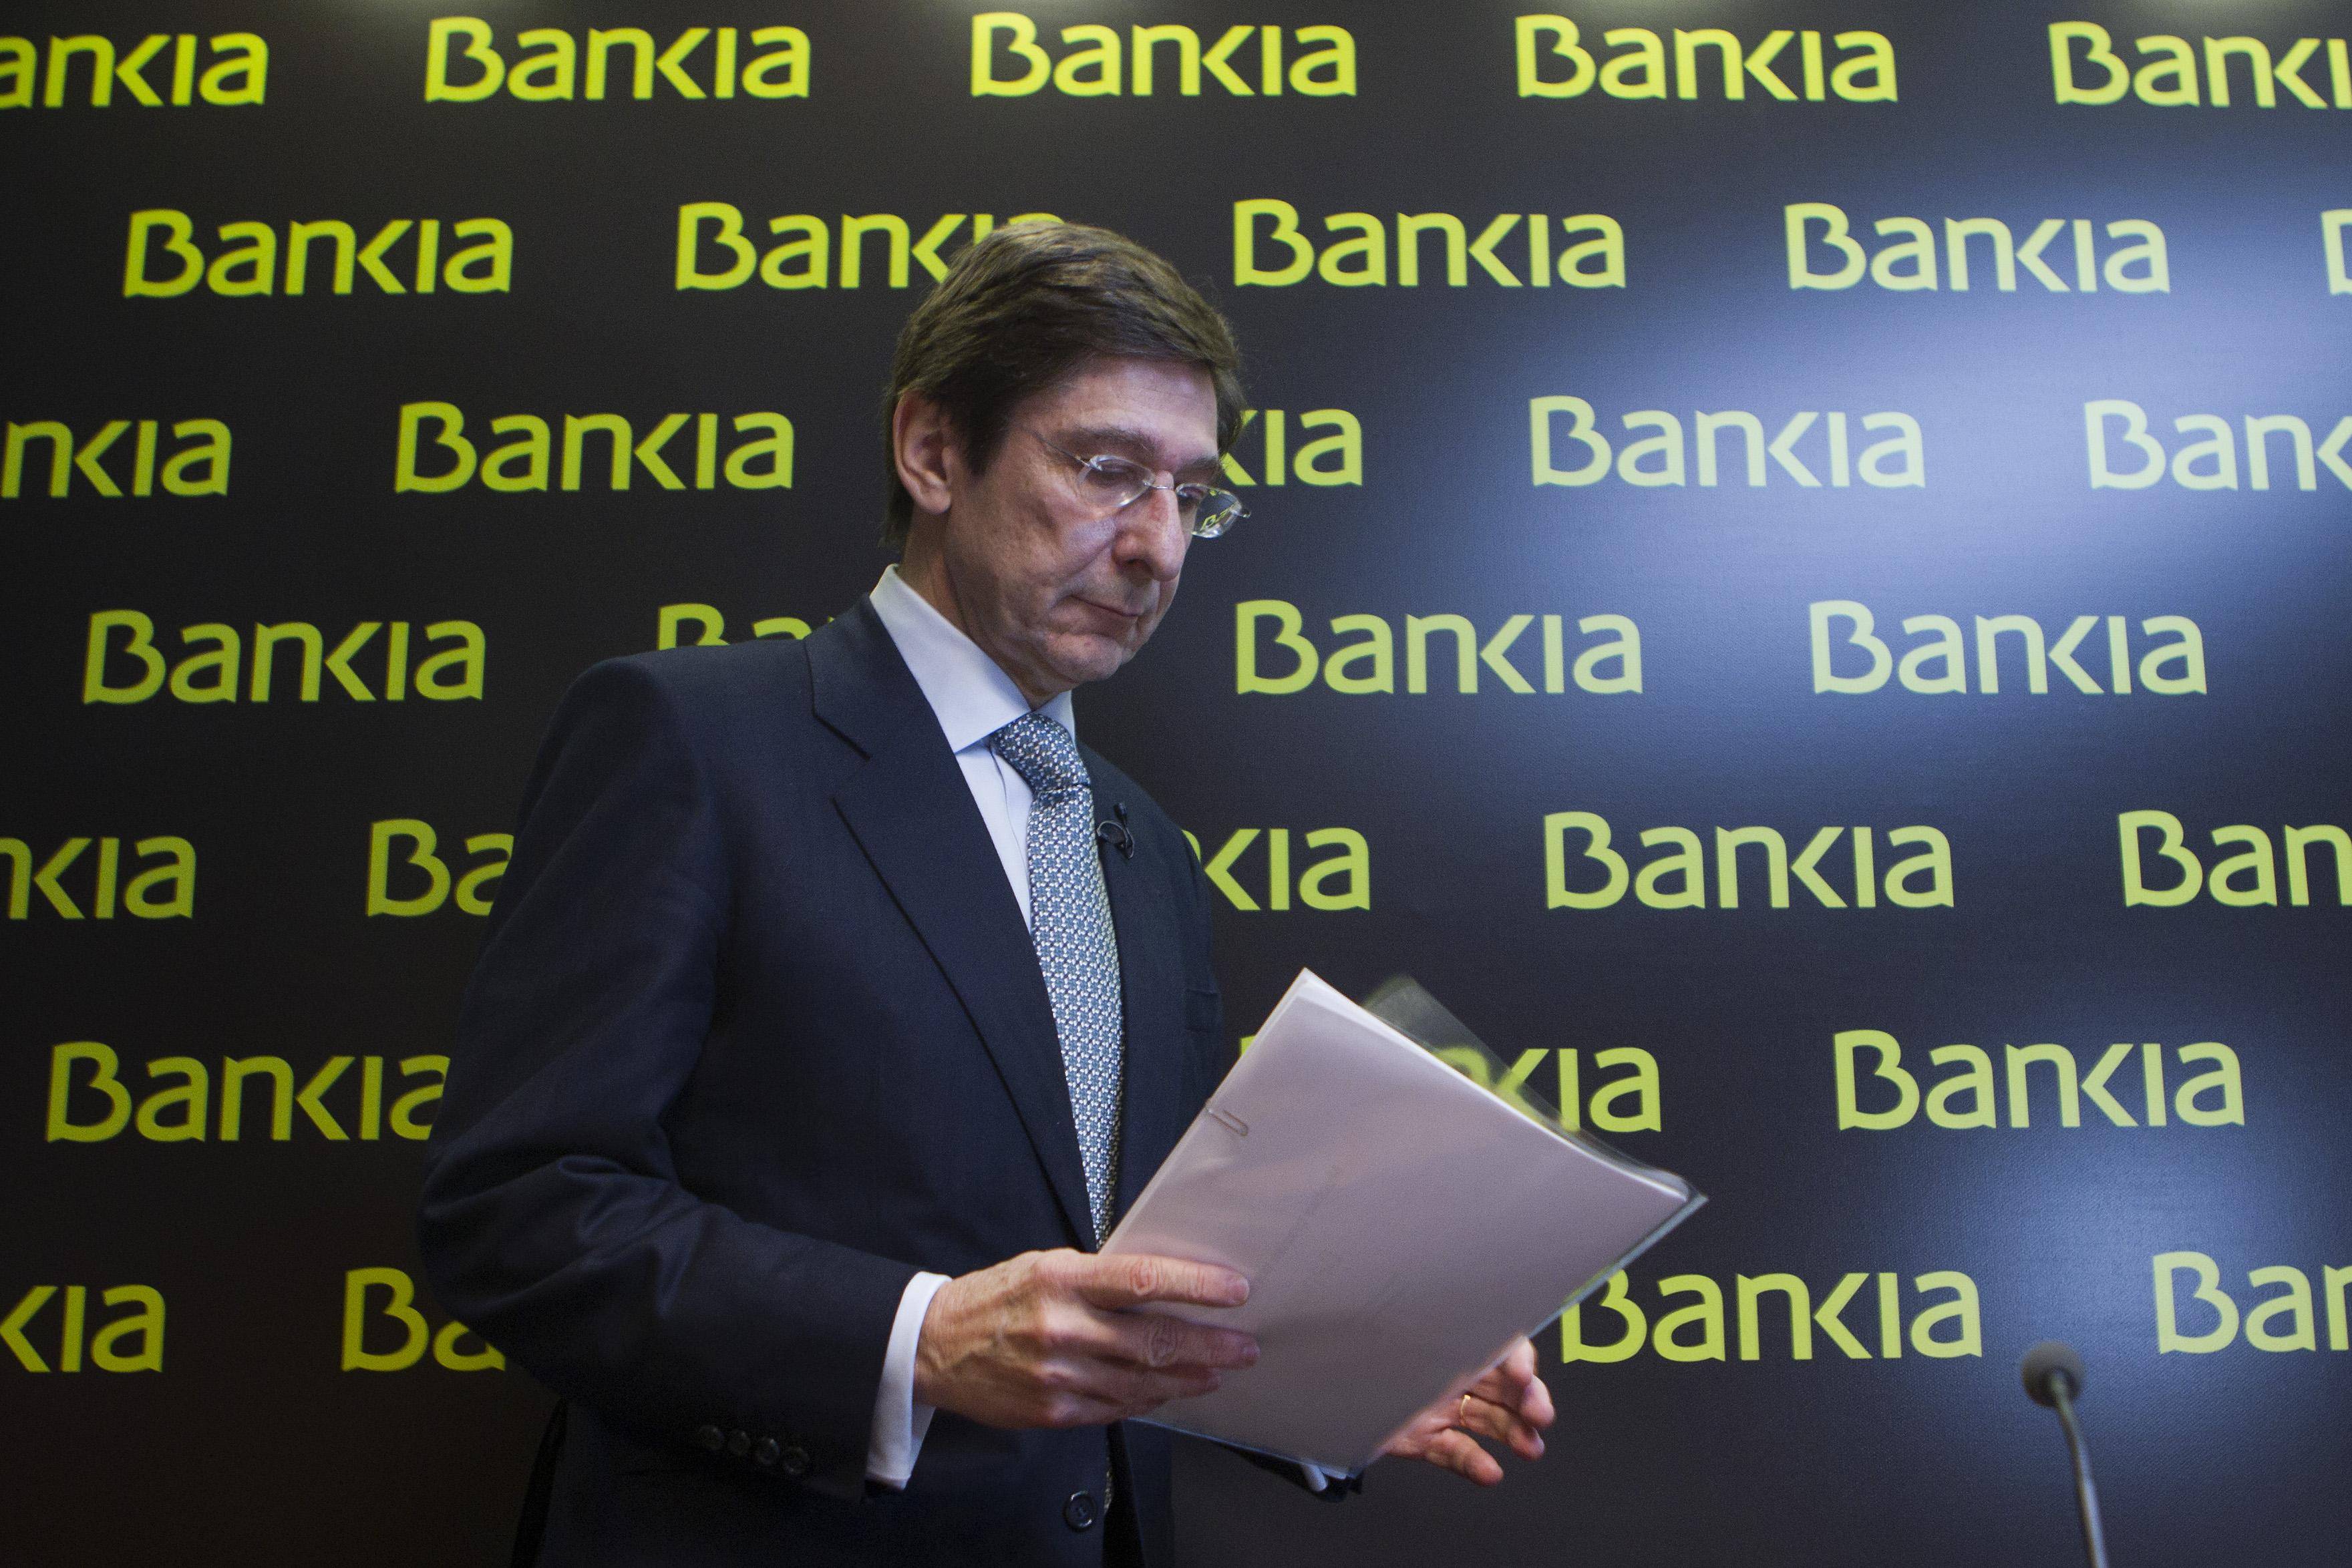 Jose Ignacio Goirigolzarri, el presidente de bankia